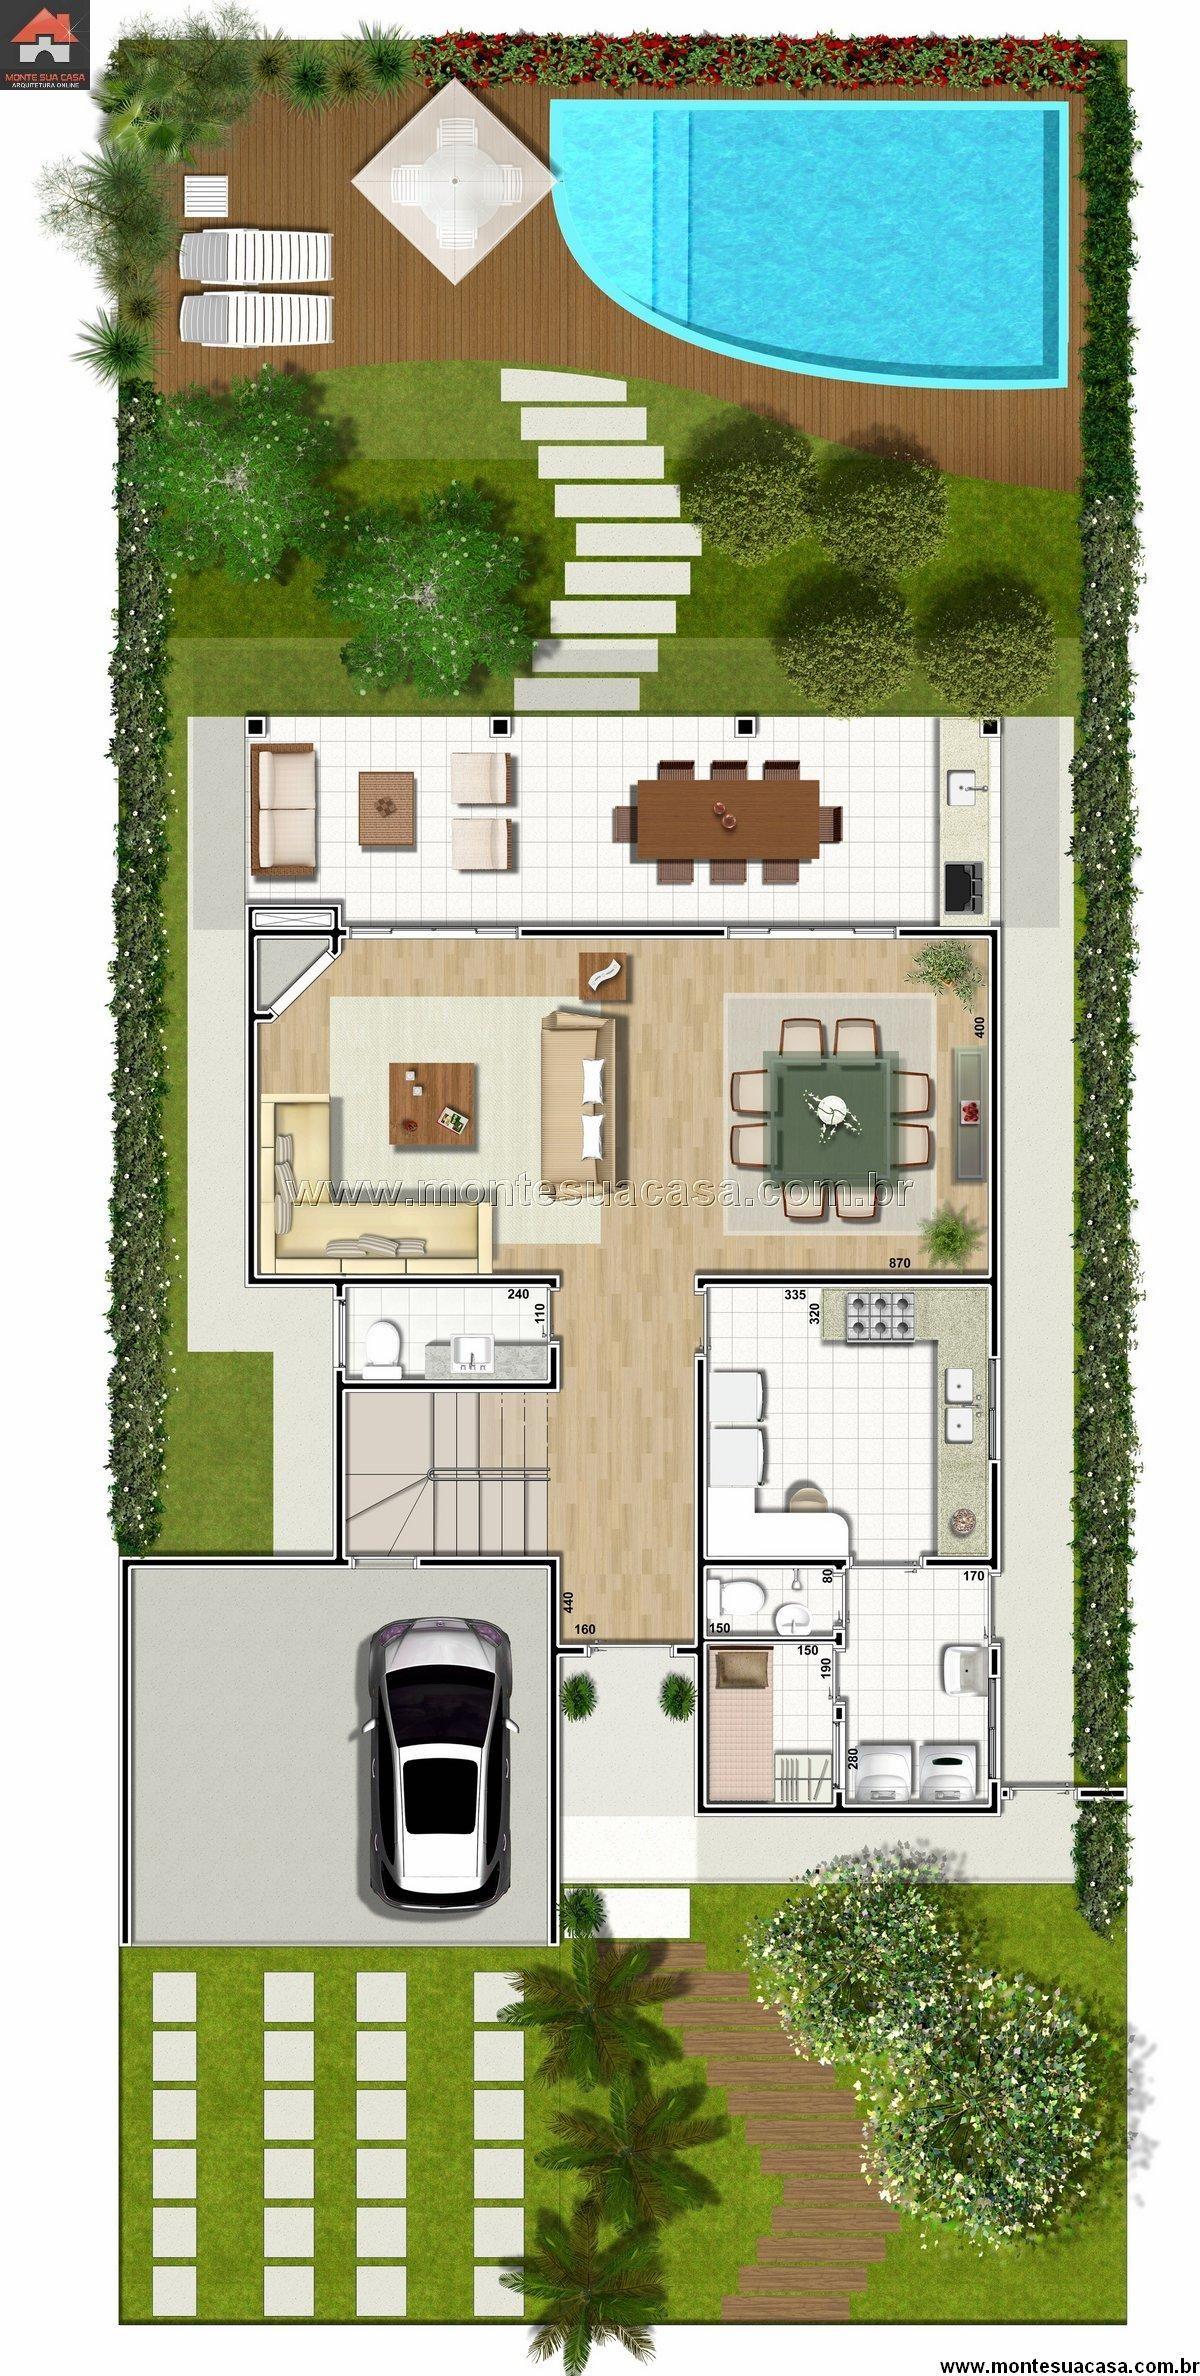 Sobrado 2 quartos projetos pinterest for Diseno de casa de 5 x 10